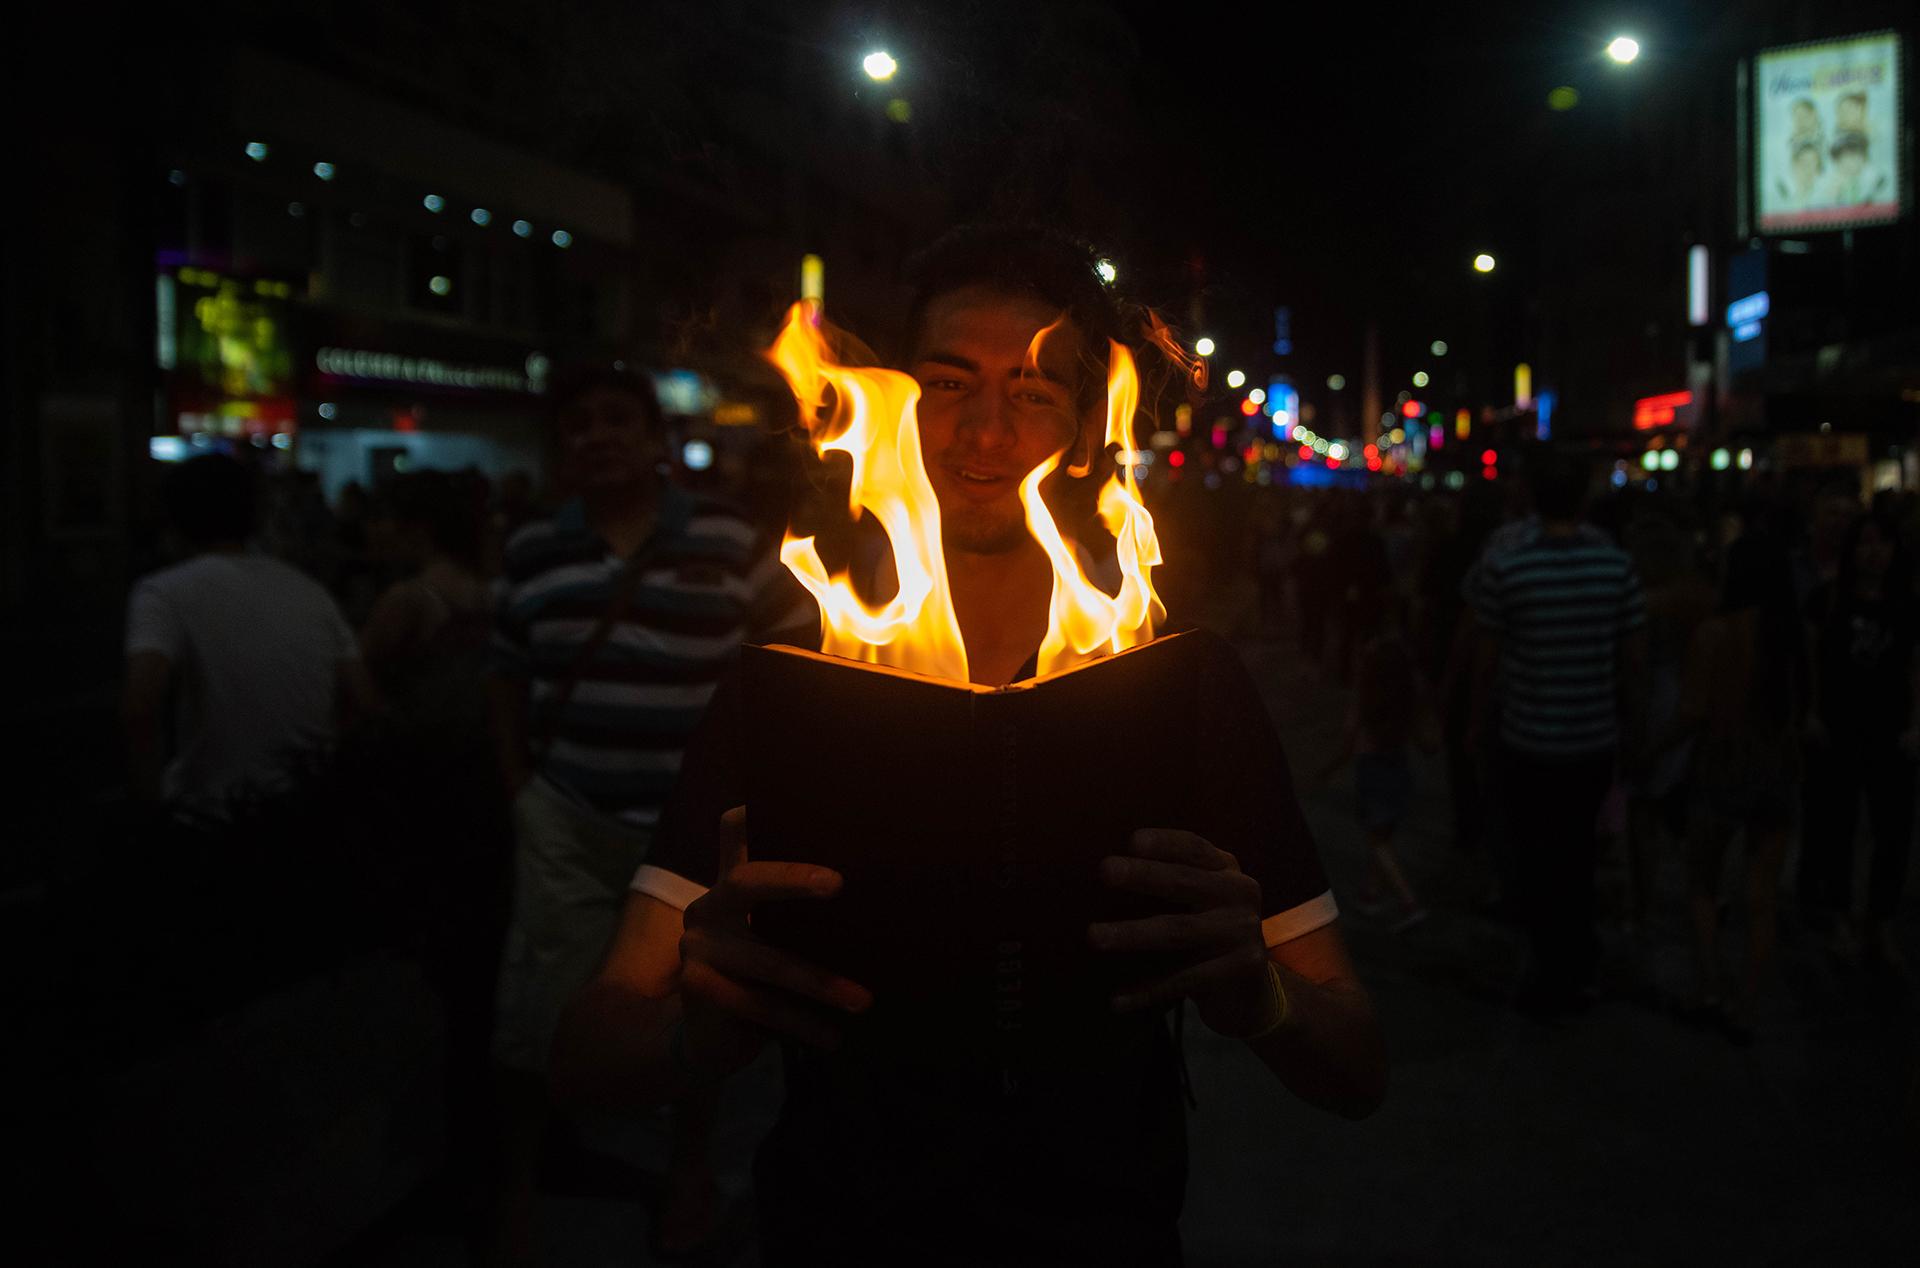 Una de las expresiones artísticas de la noche: un joven leyendo un libro en llamas.